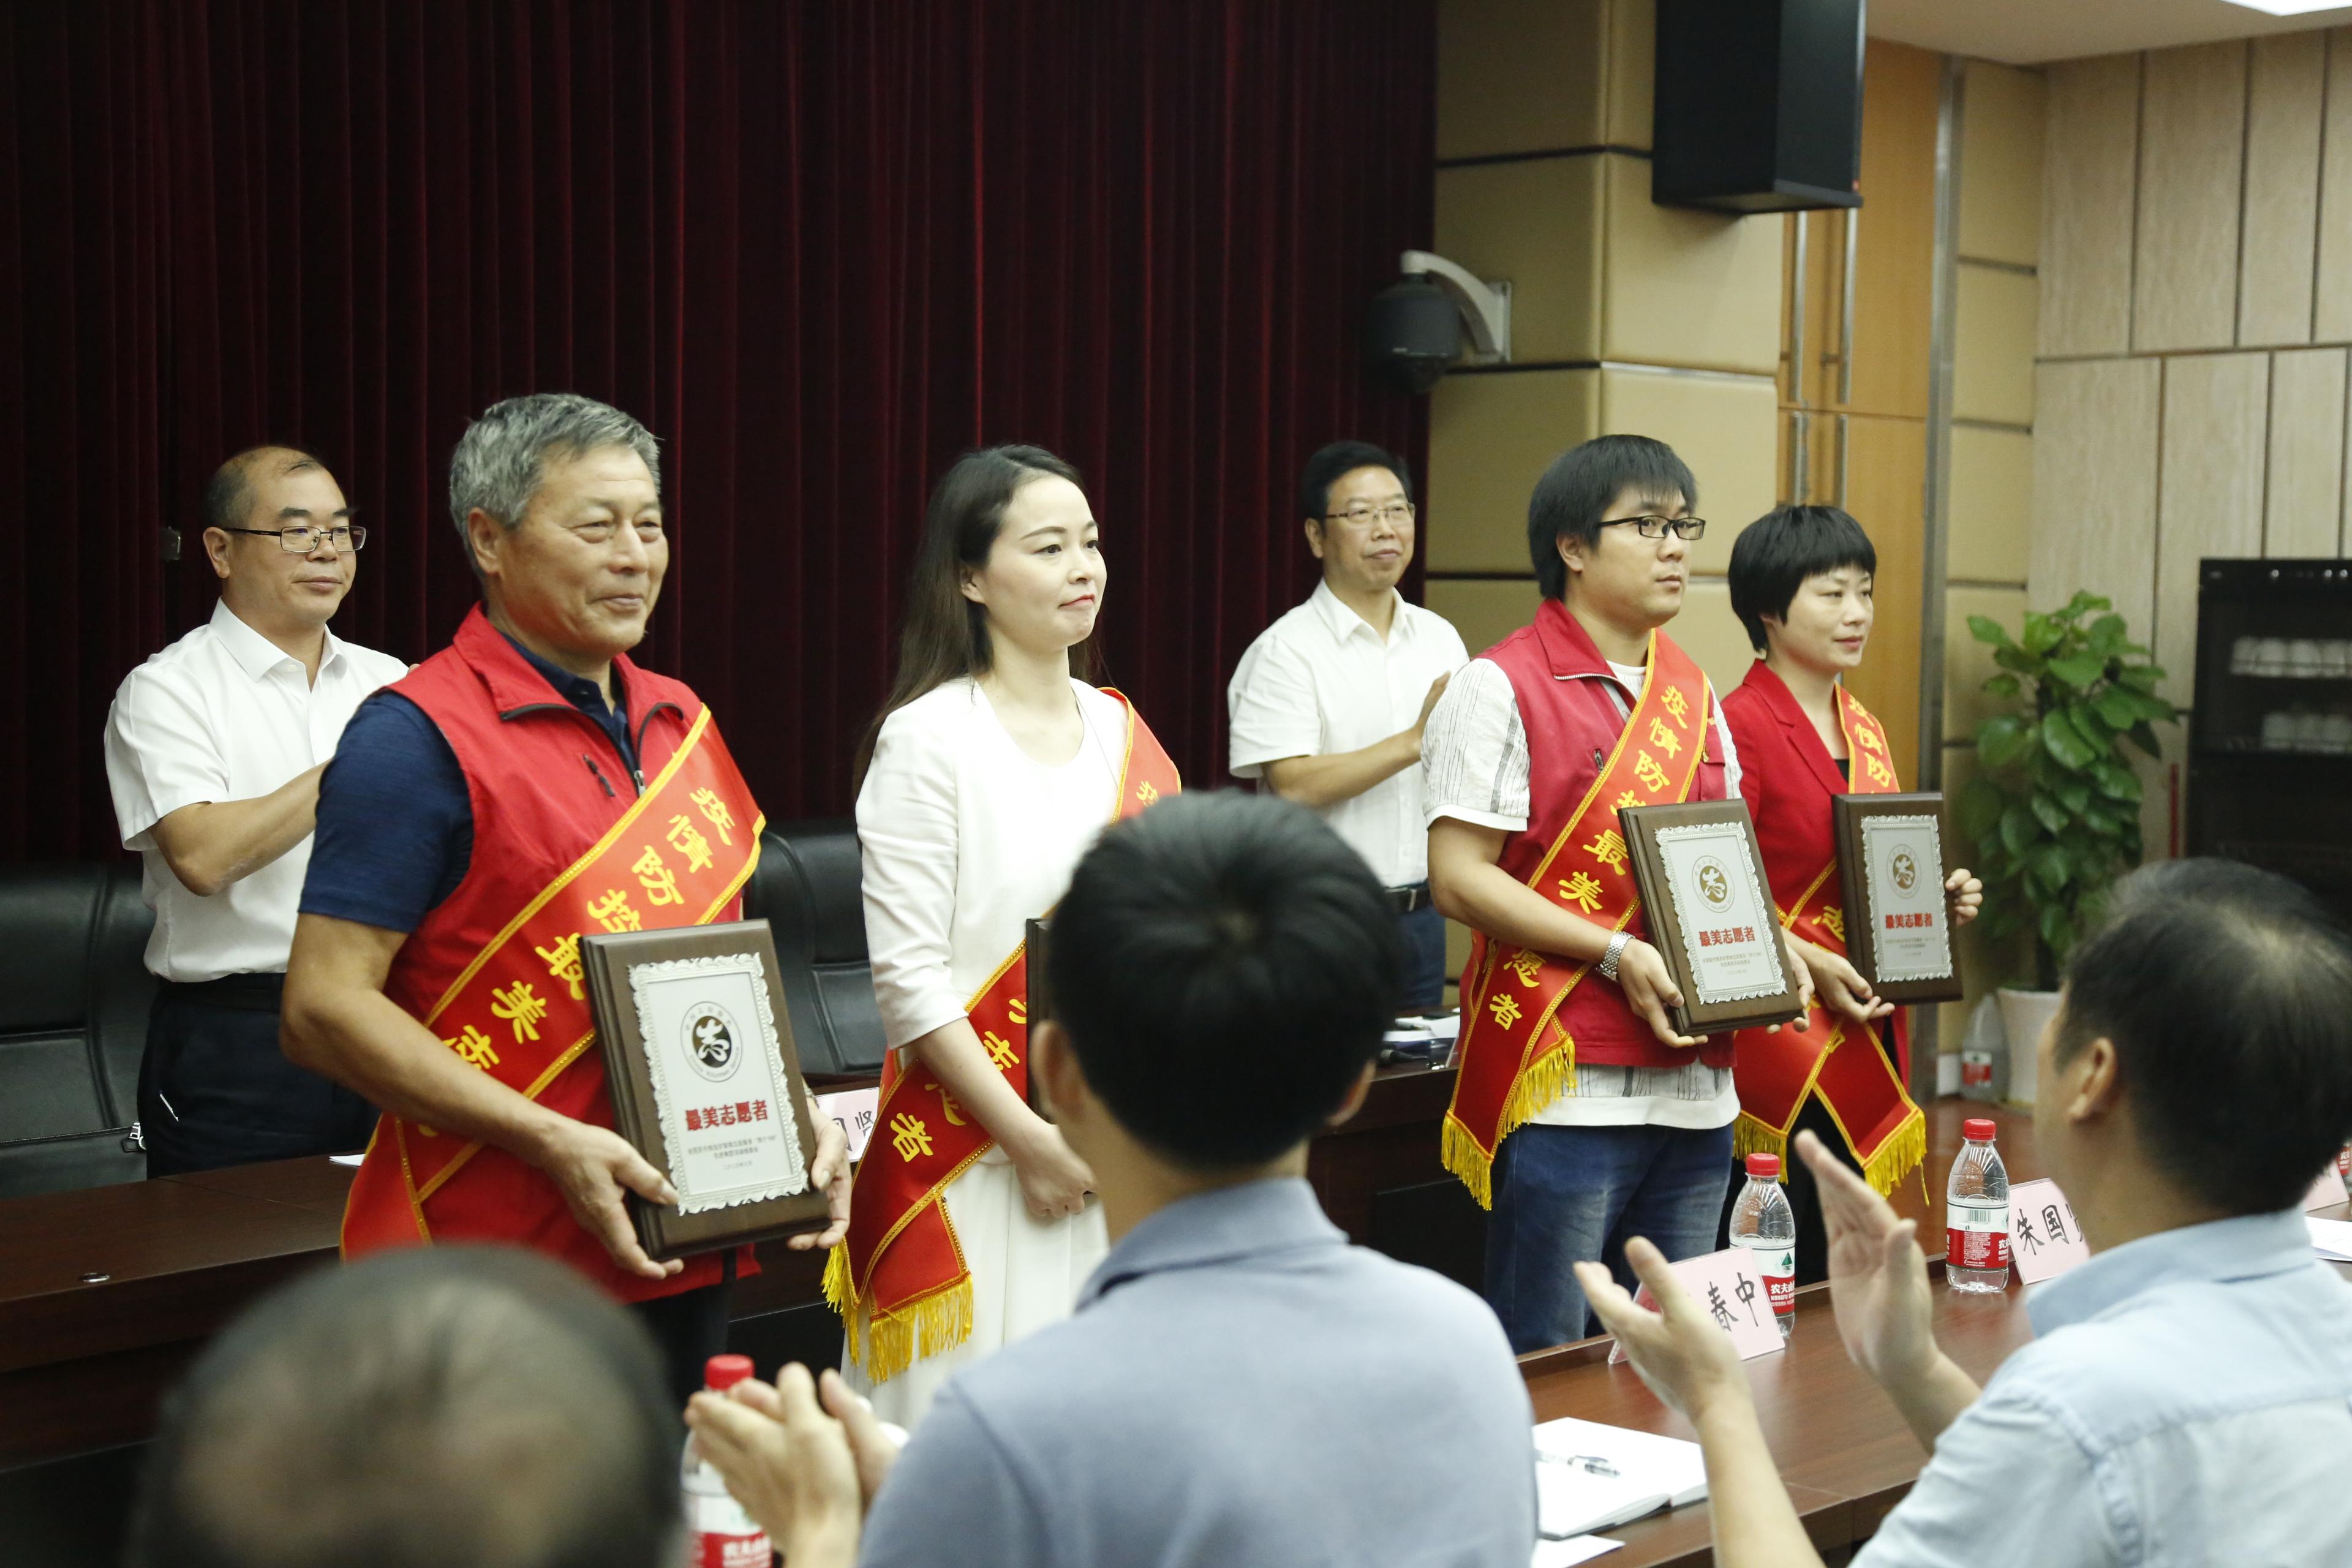 浙江7人13集体入选全国志愿服务先进典型